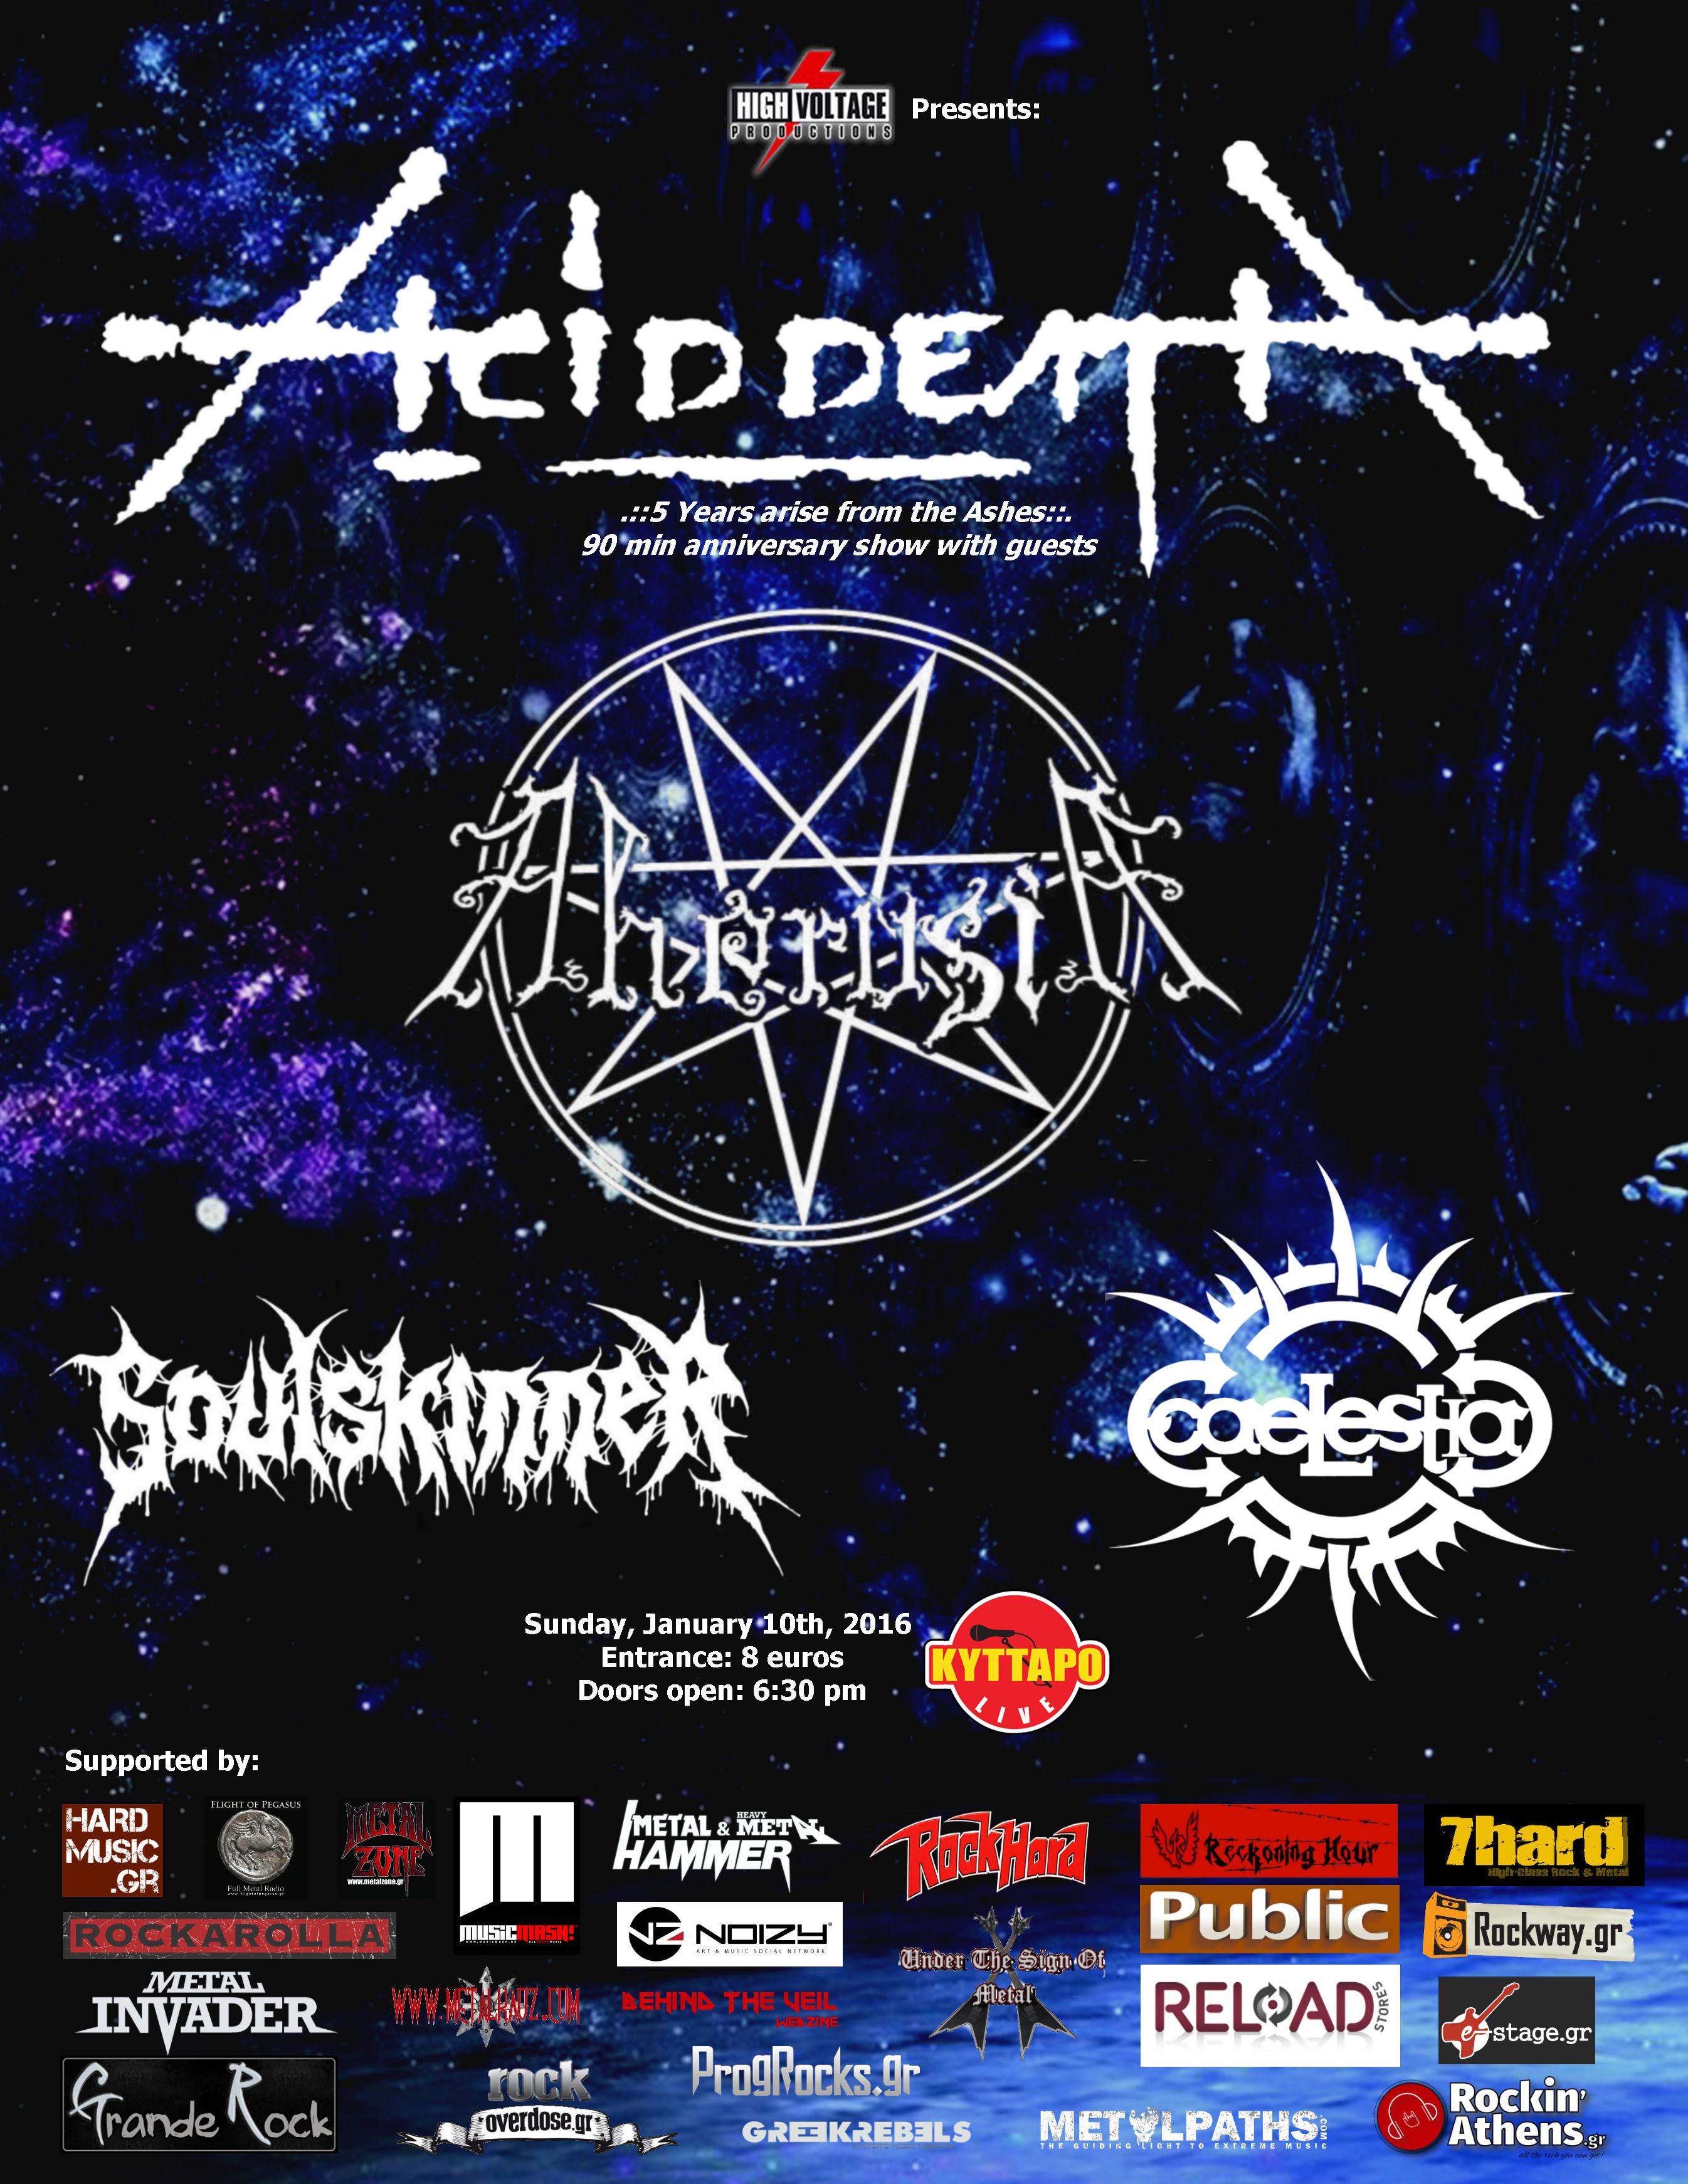 ACID DEATH - Kyttaror 2016 final